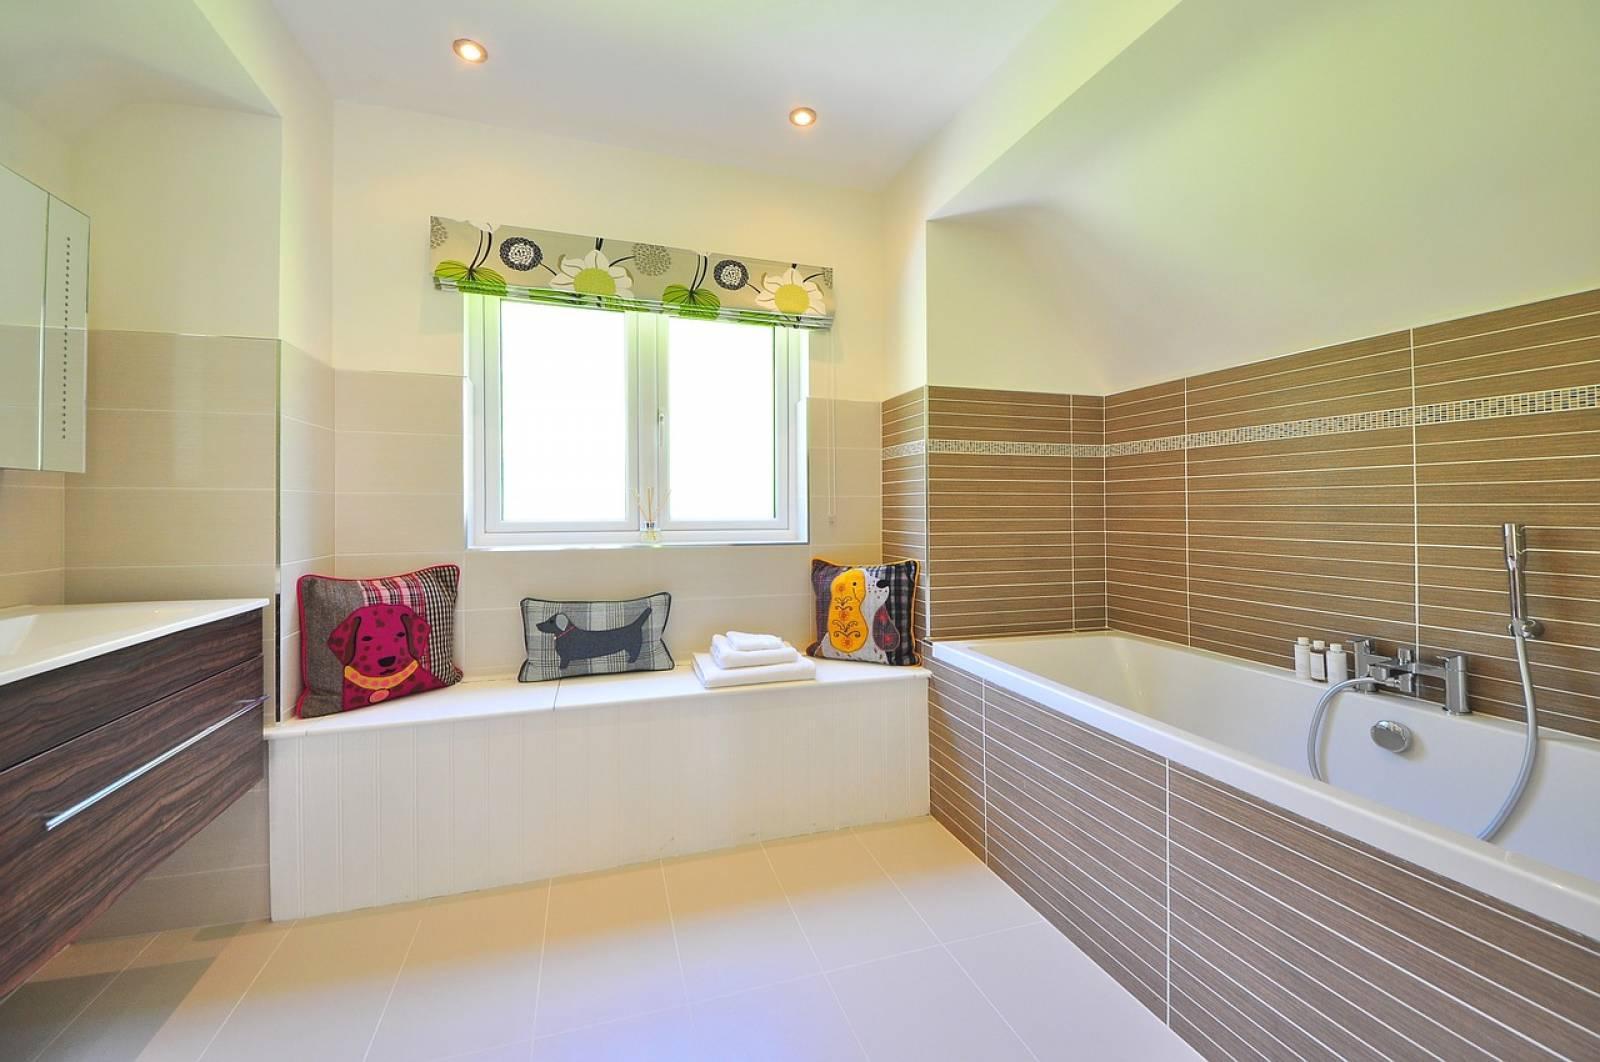 Entreprise Renovation Salle De Bain Bordeaux plombier pour rénovation de salle de bains en gironde - hatech